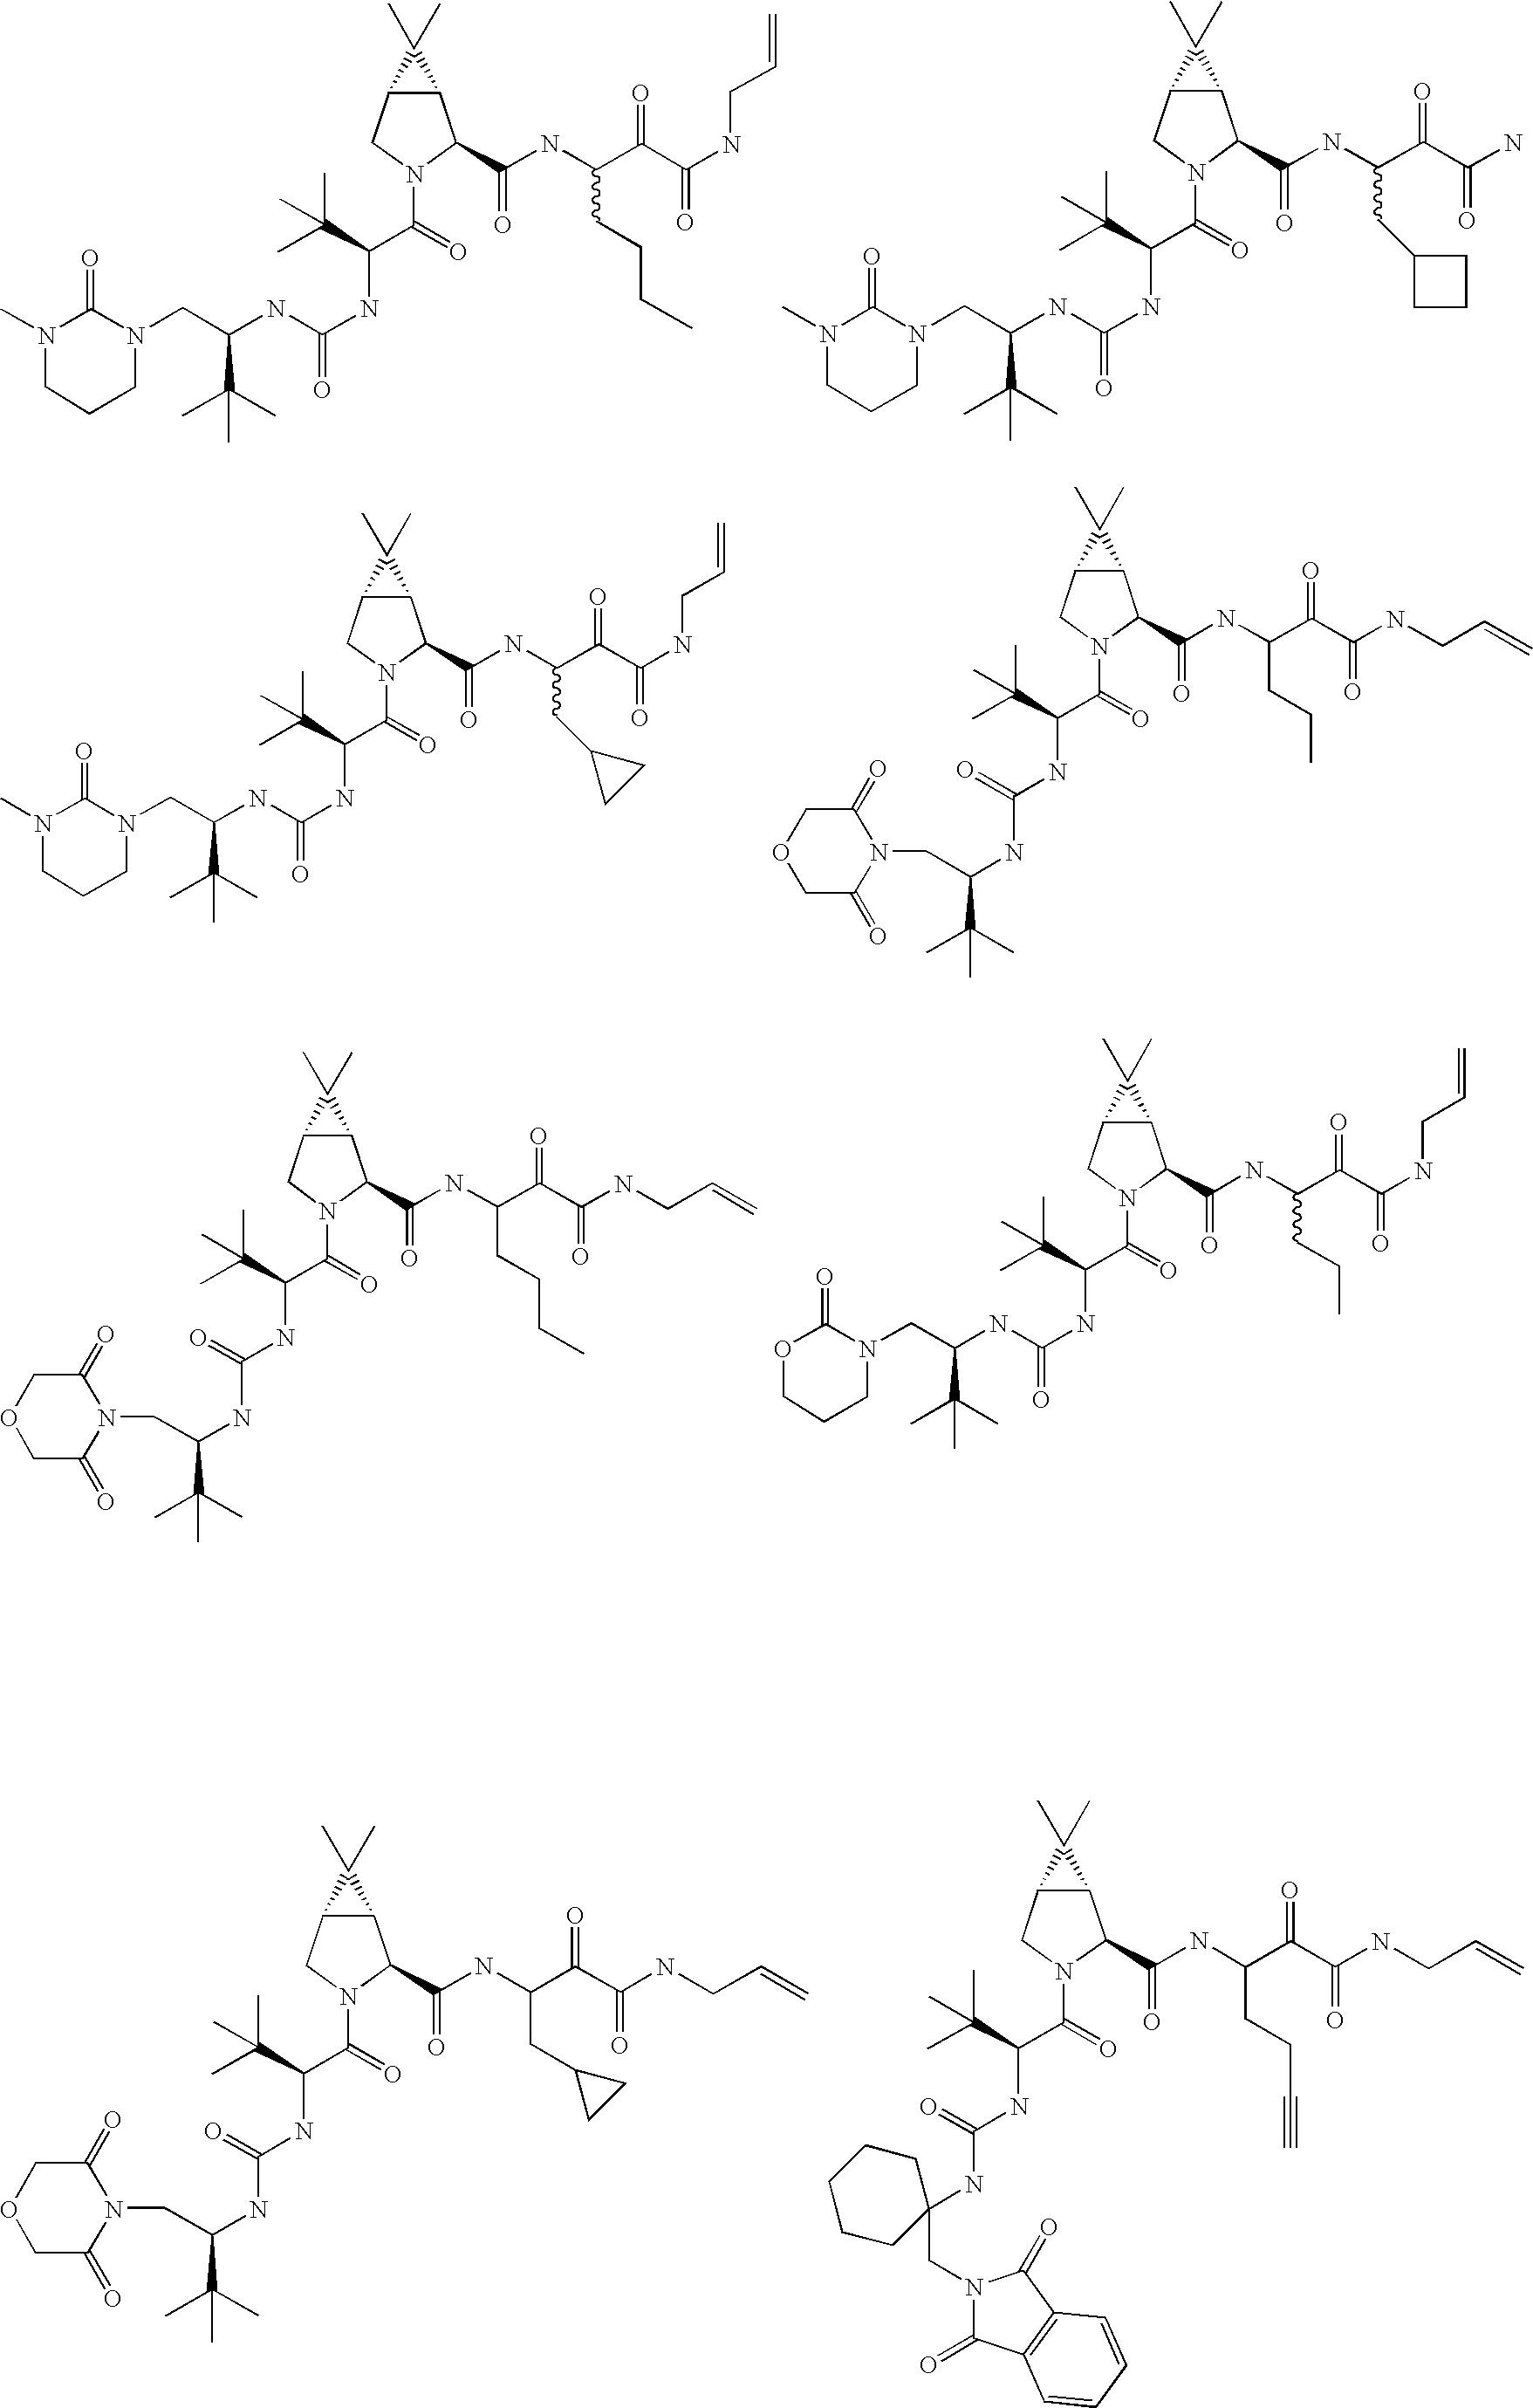 Figure US20060287248A1-20061221-C00419